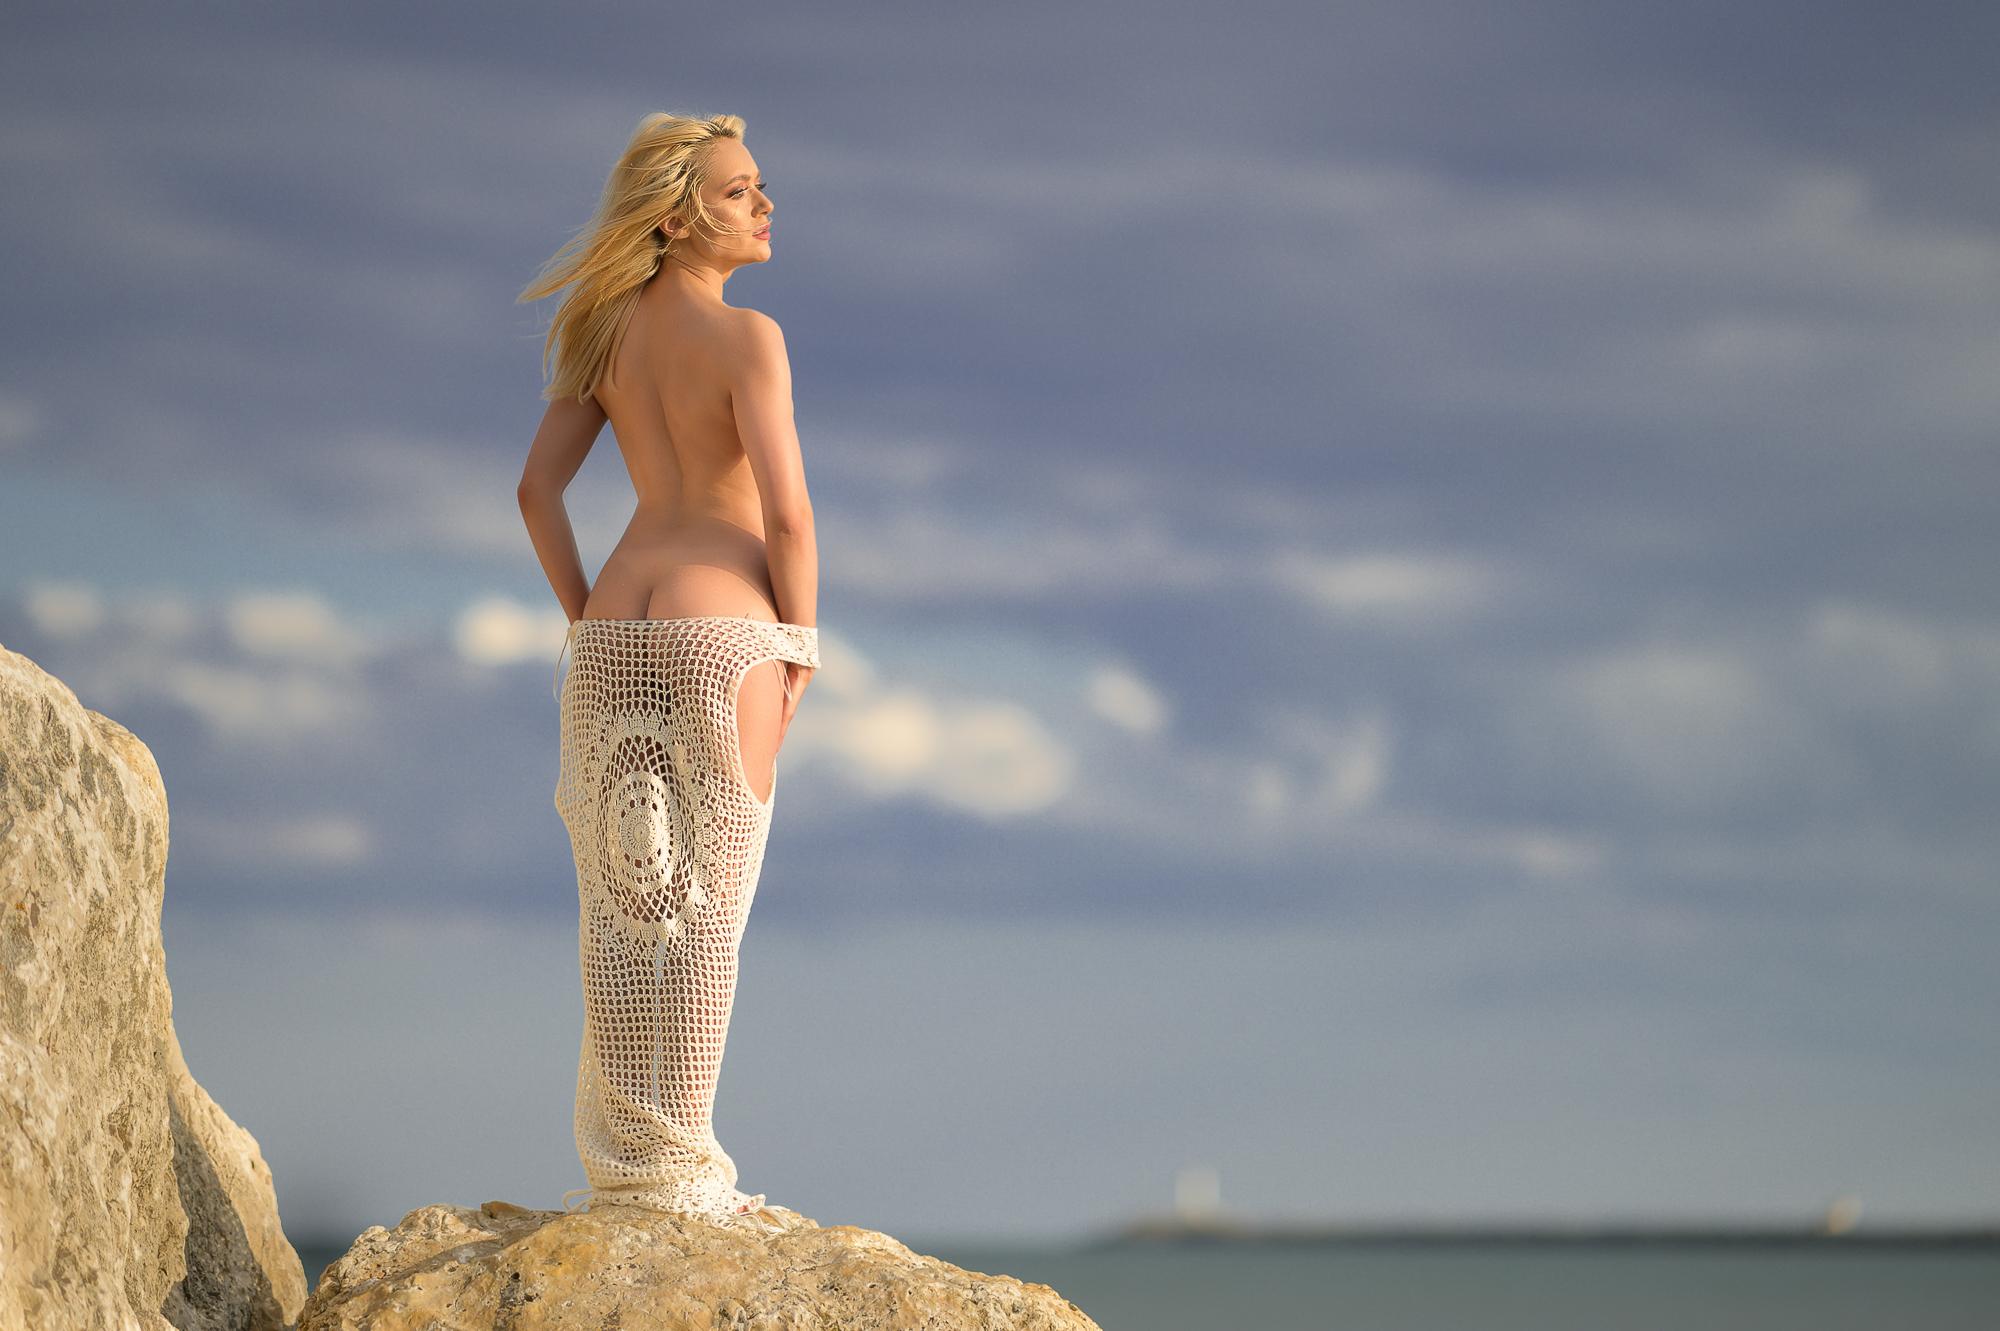 fotograf nud constanta (29)